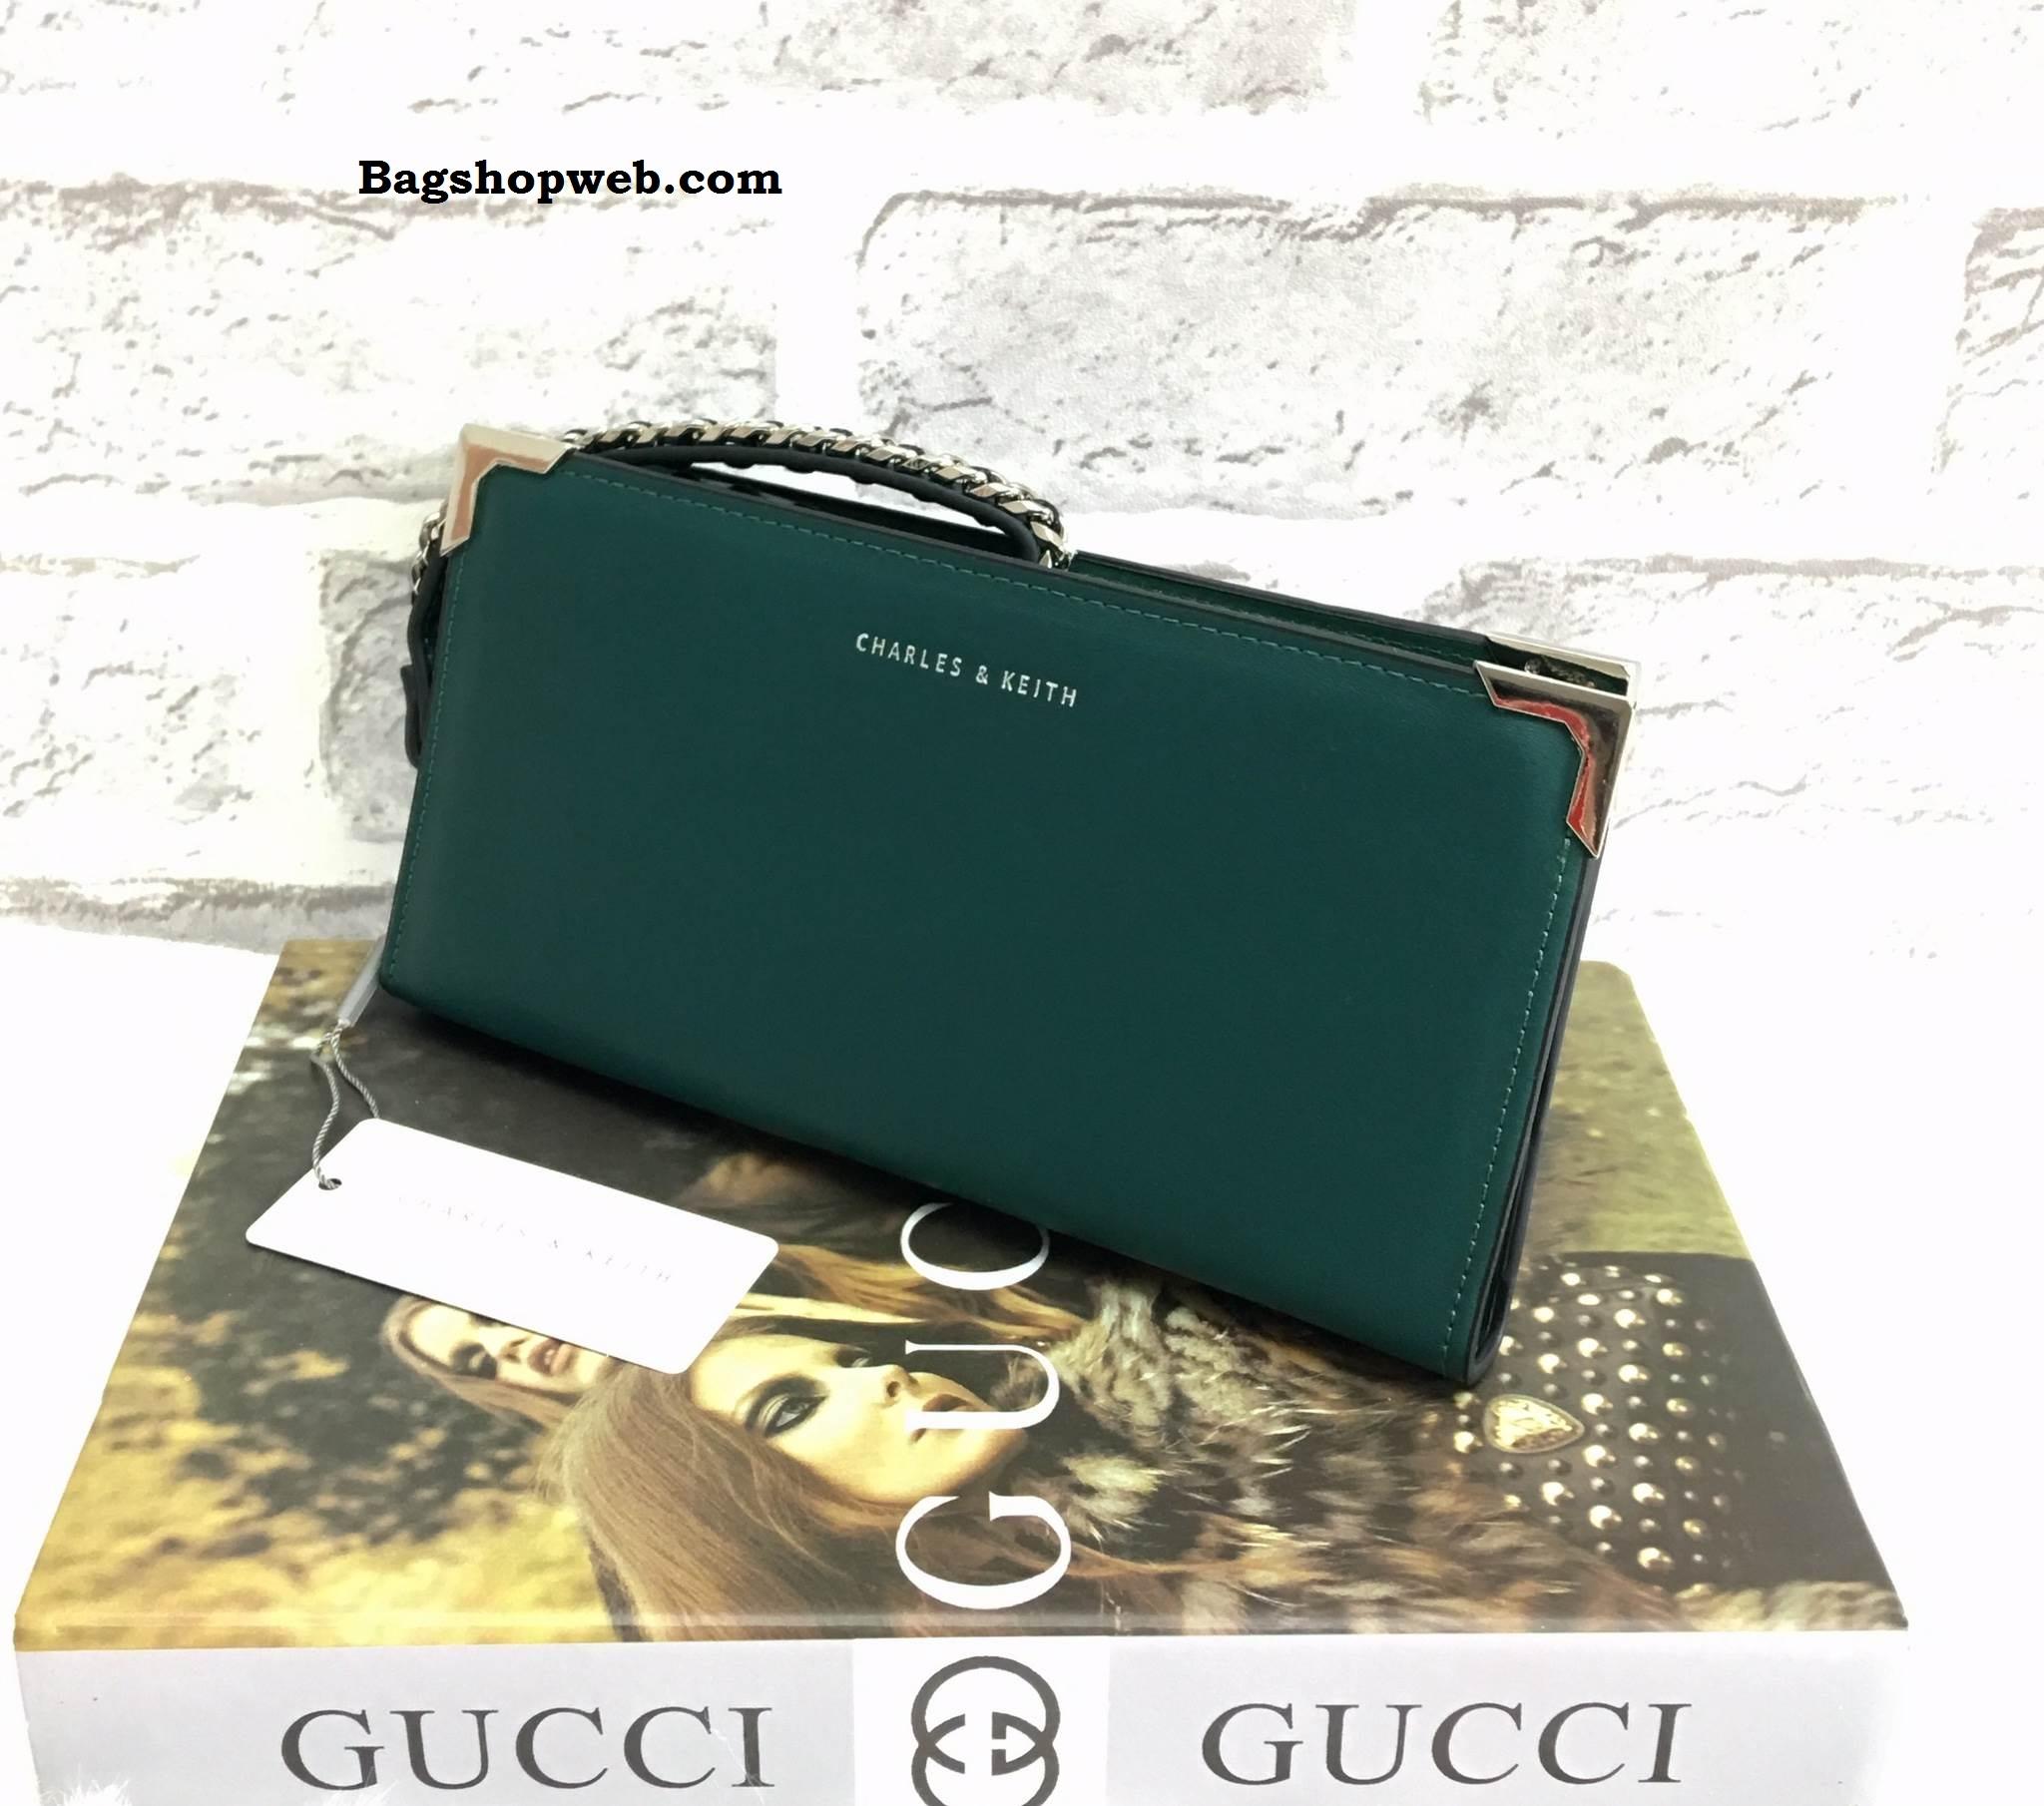 กระเป๋าเงิน CHARLES & KEITH LONG WALLET BAG ราคา 1,090 บาท Free Ems